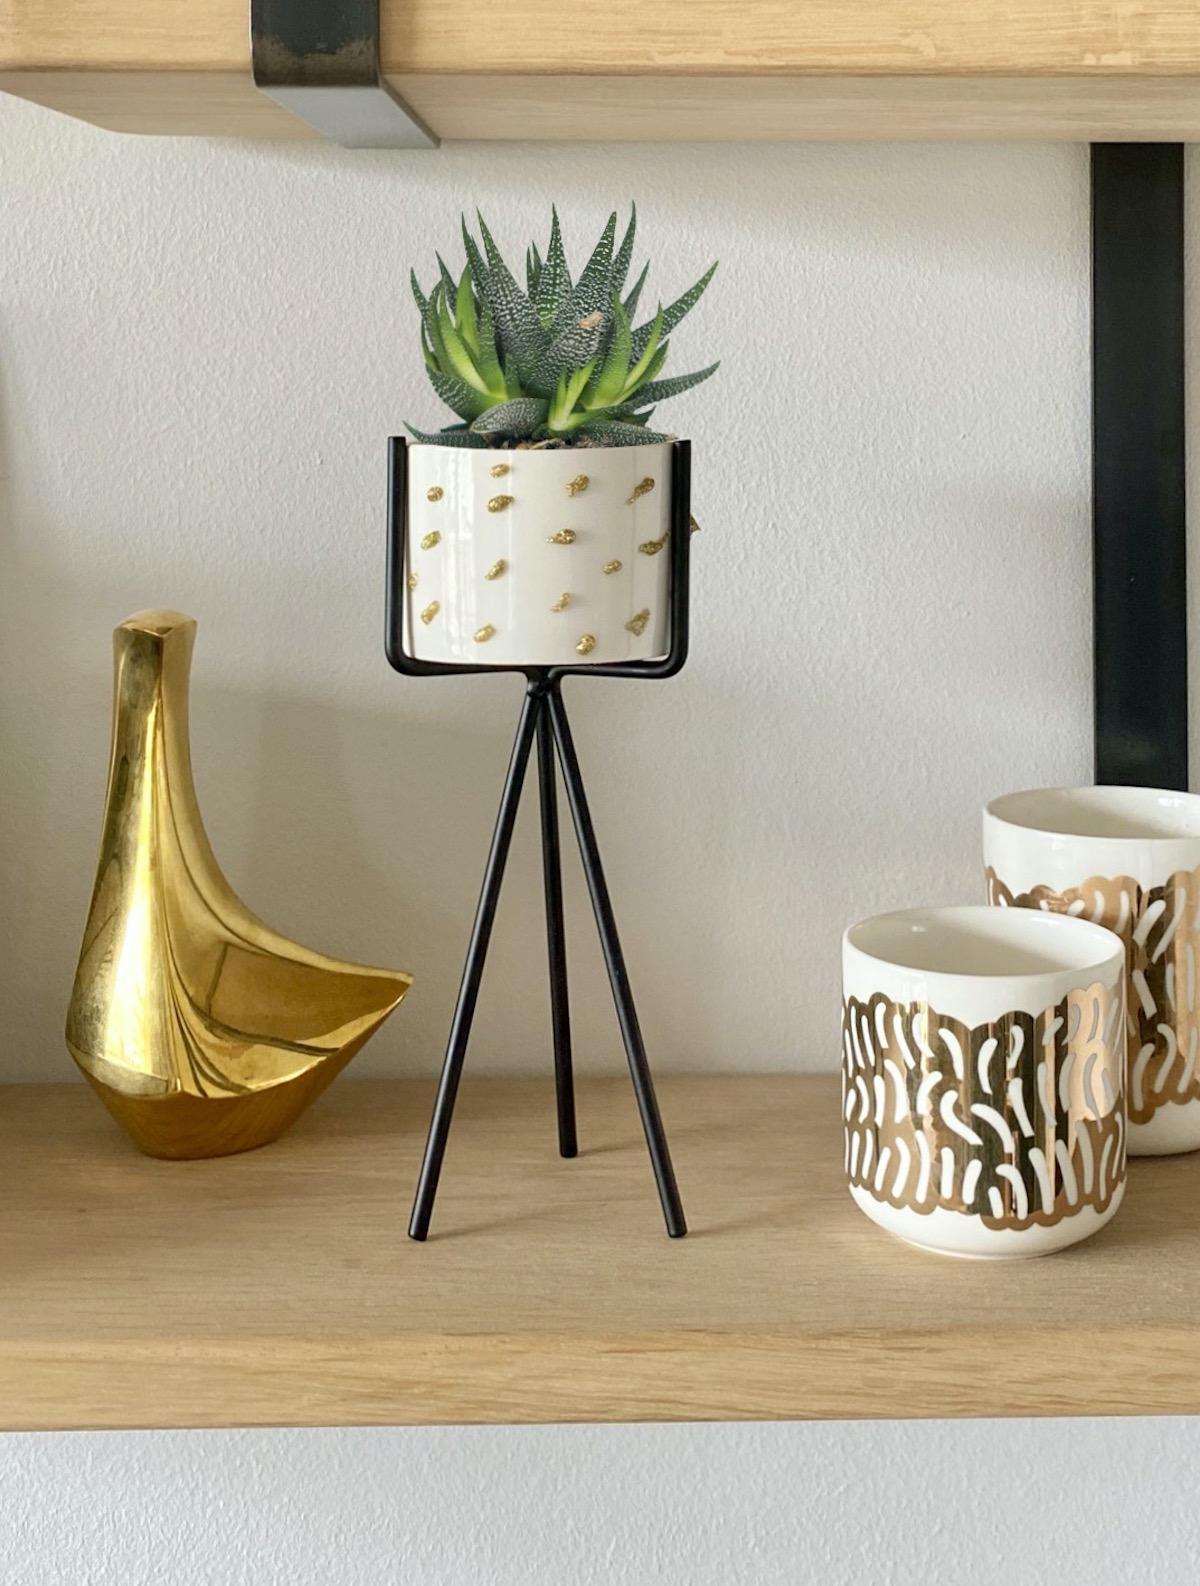 cache pot diy céramique doré plante cactus pistolet à colle